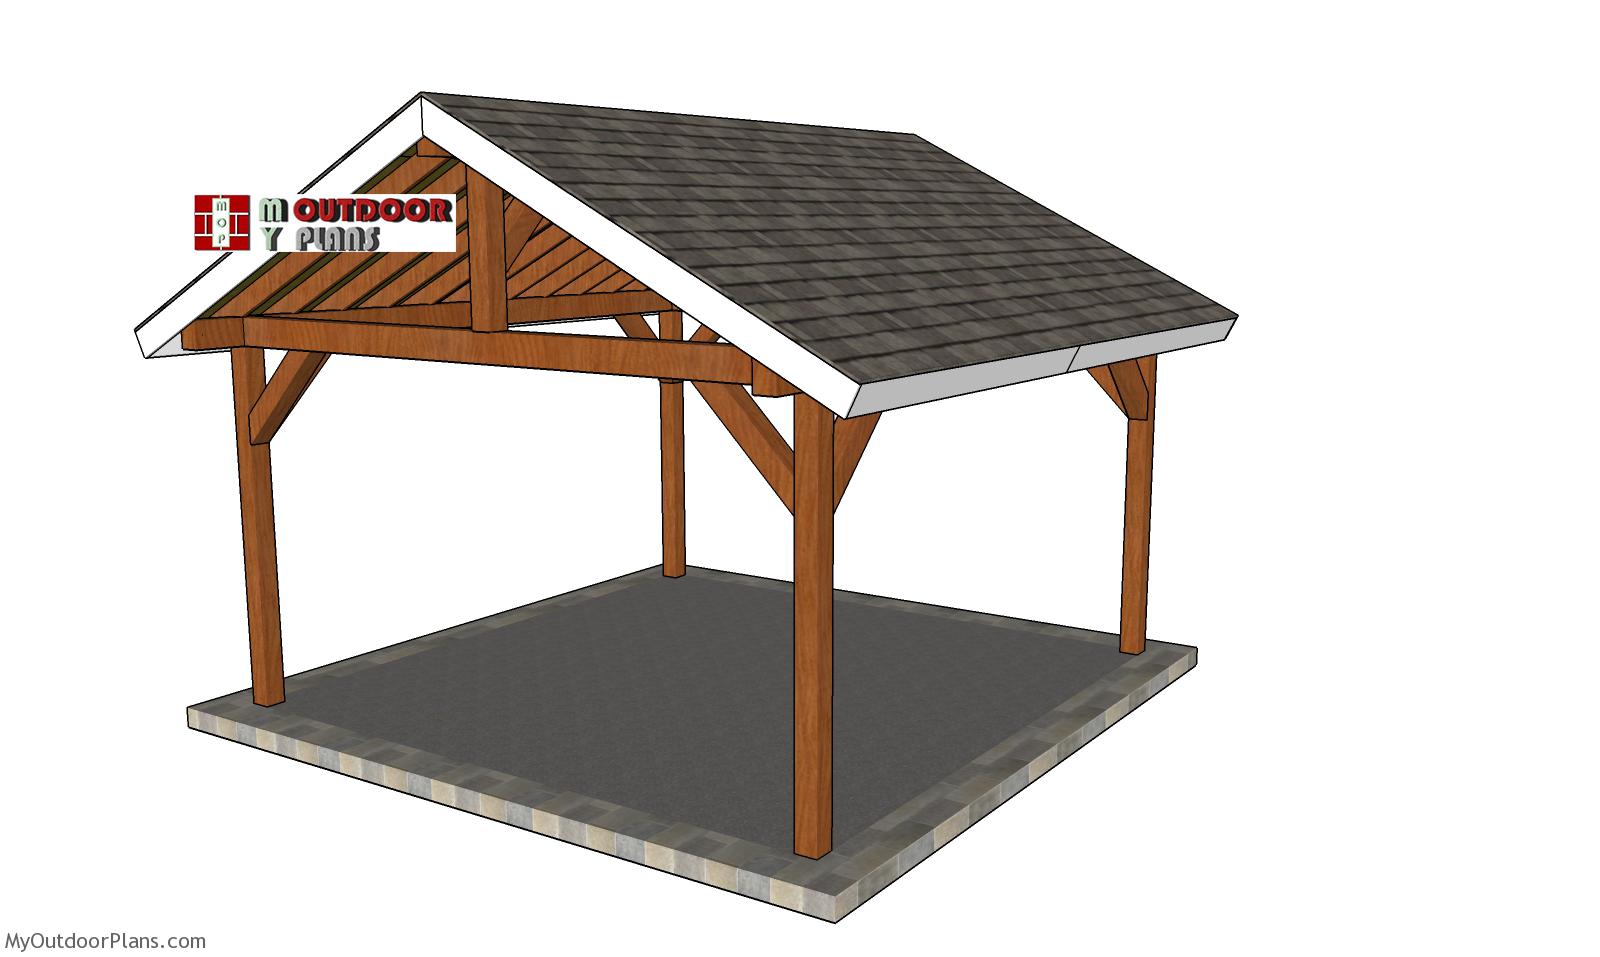 15x15 Gable Pavilion - Free DIY Plans